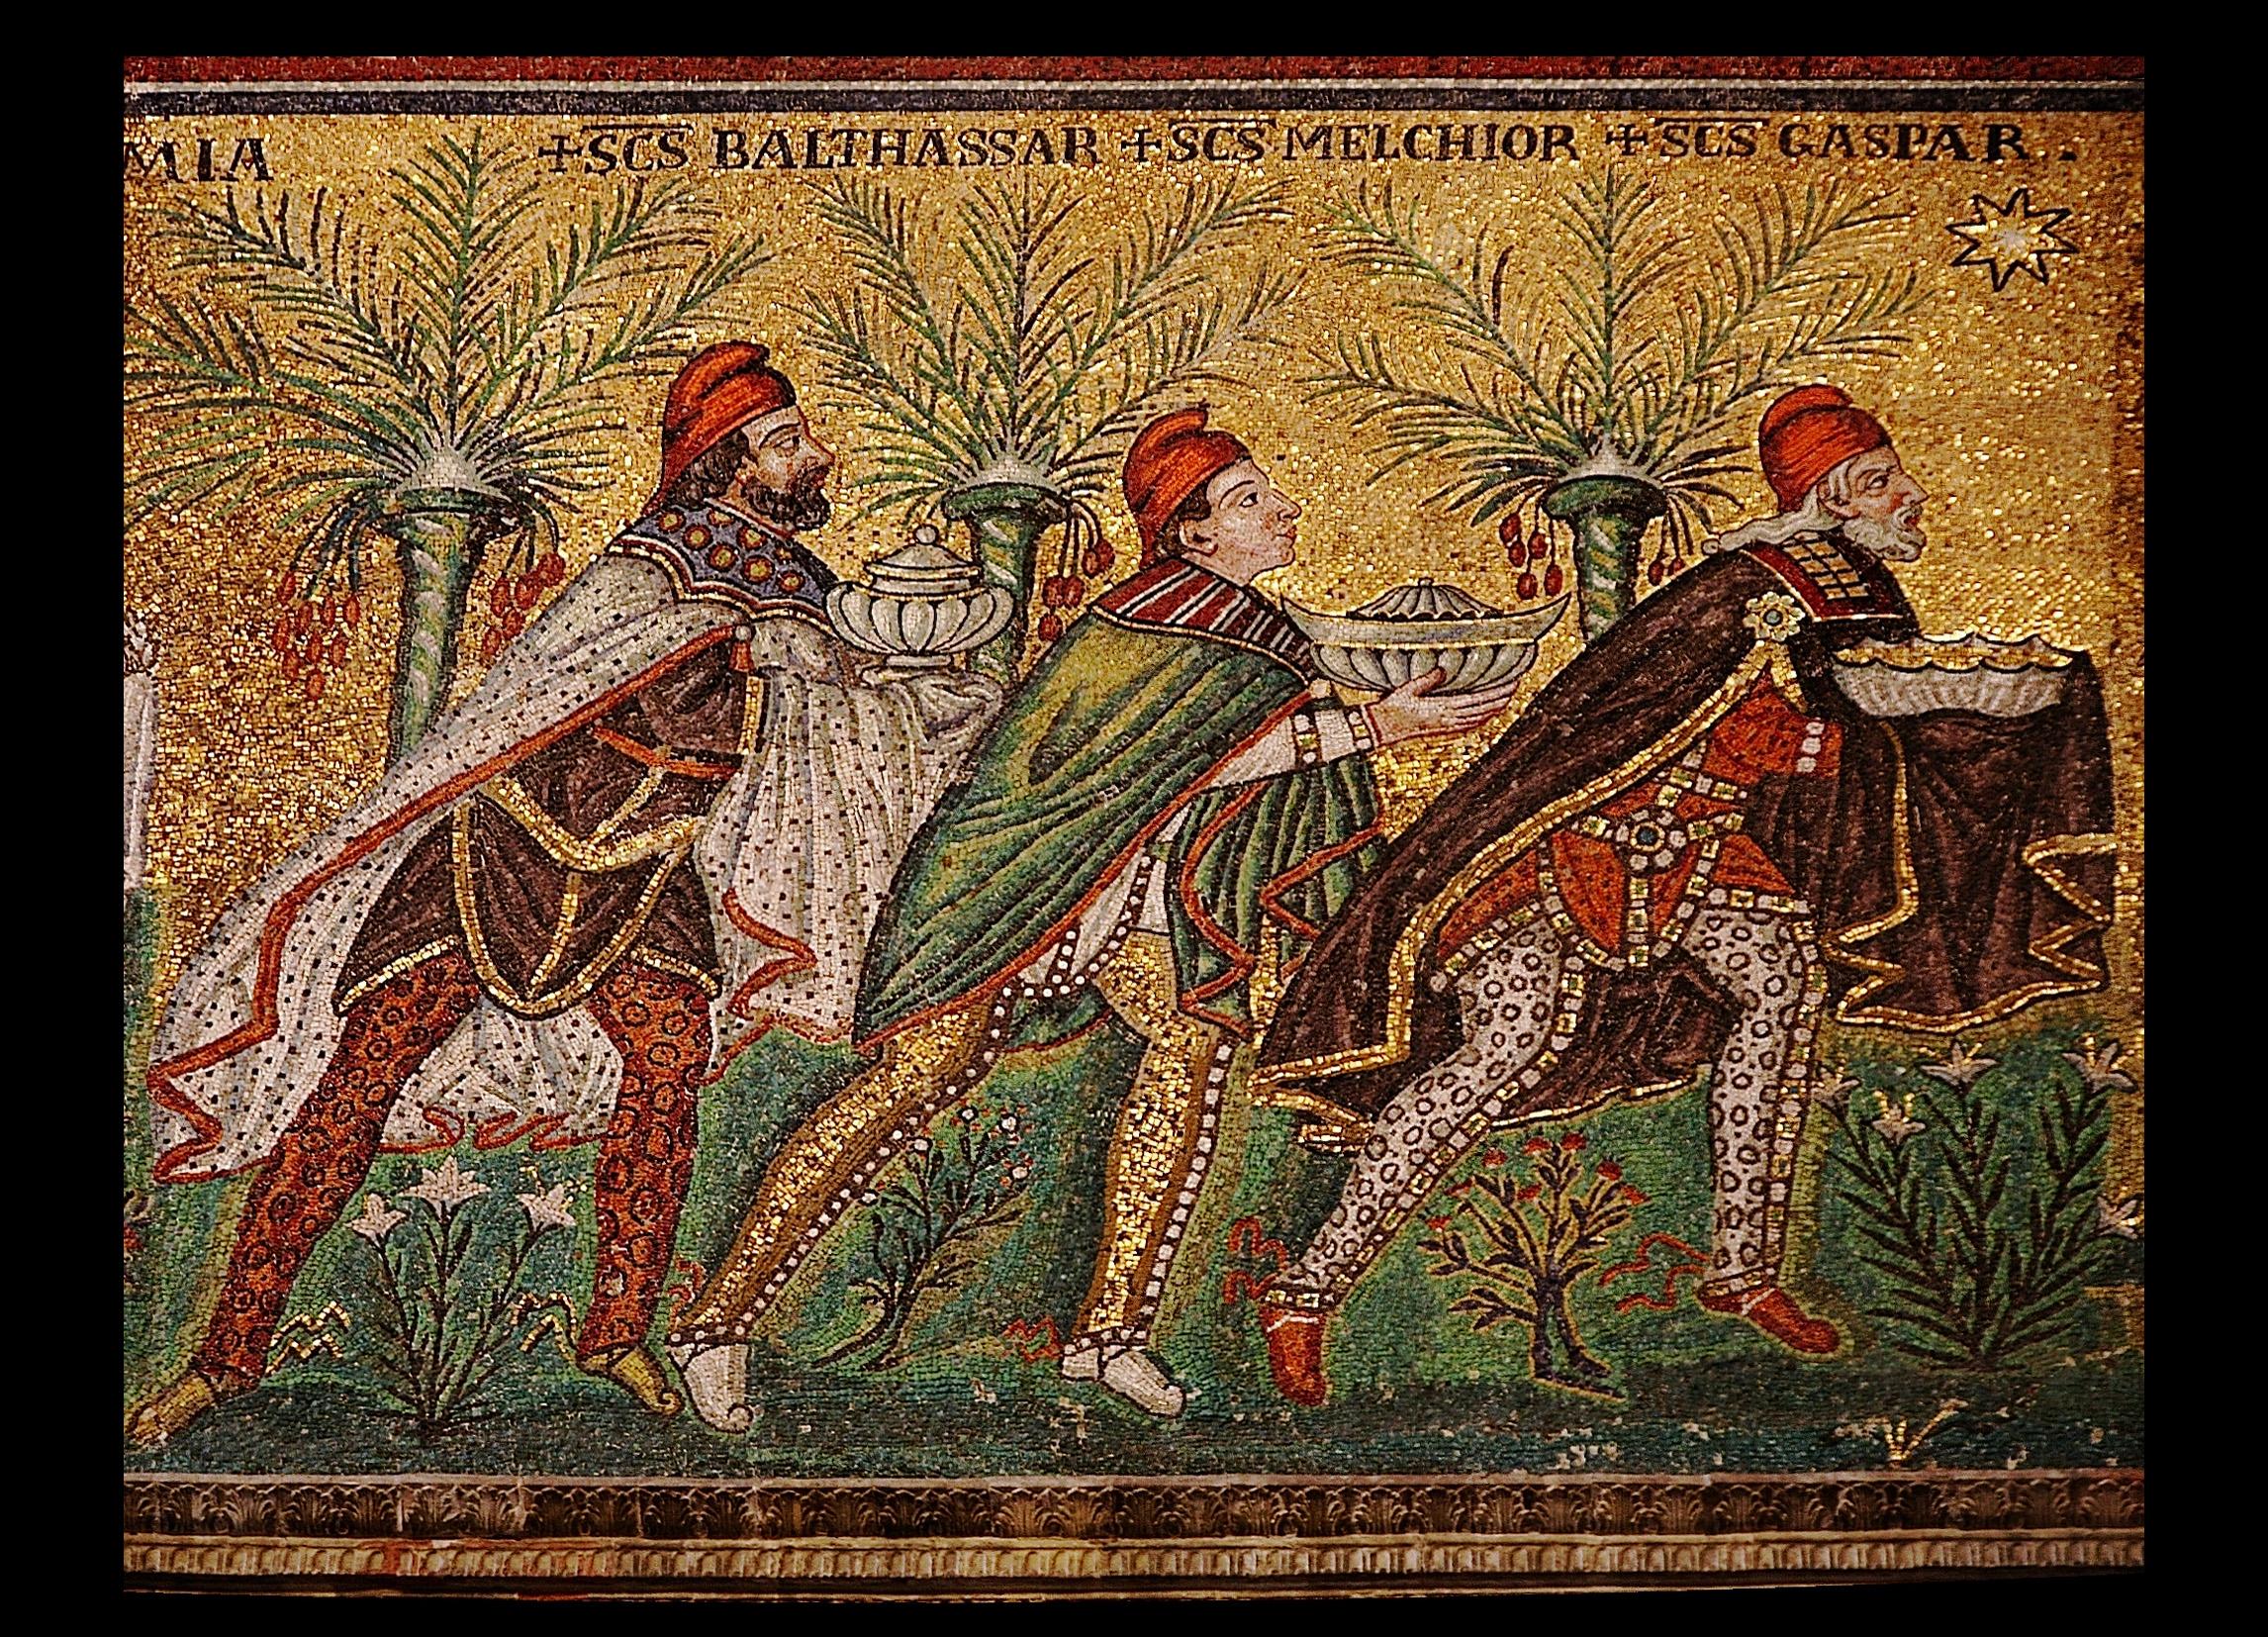 The magi follow the star in this sixth-century mosaic at the Basilica of Sant'Apollinare near Ravenna, Italy. Photo by Nina-no, courtesy Wikimedia Commons.